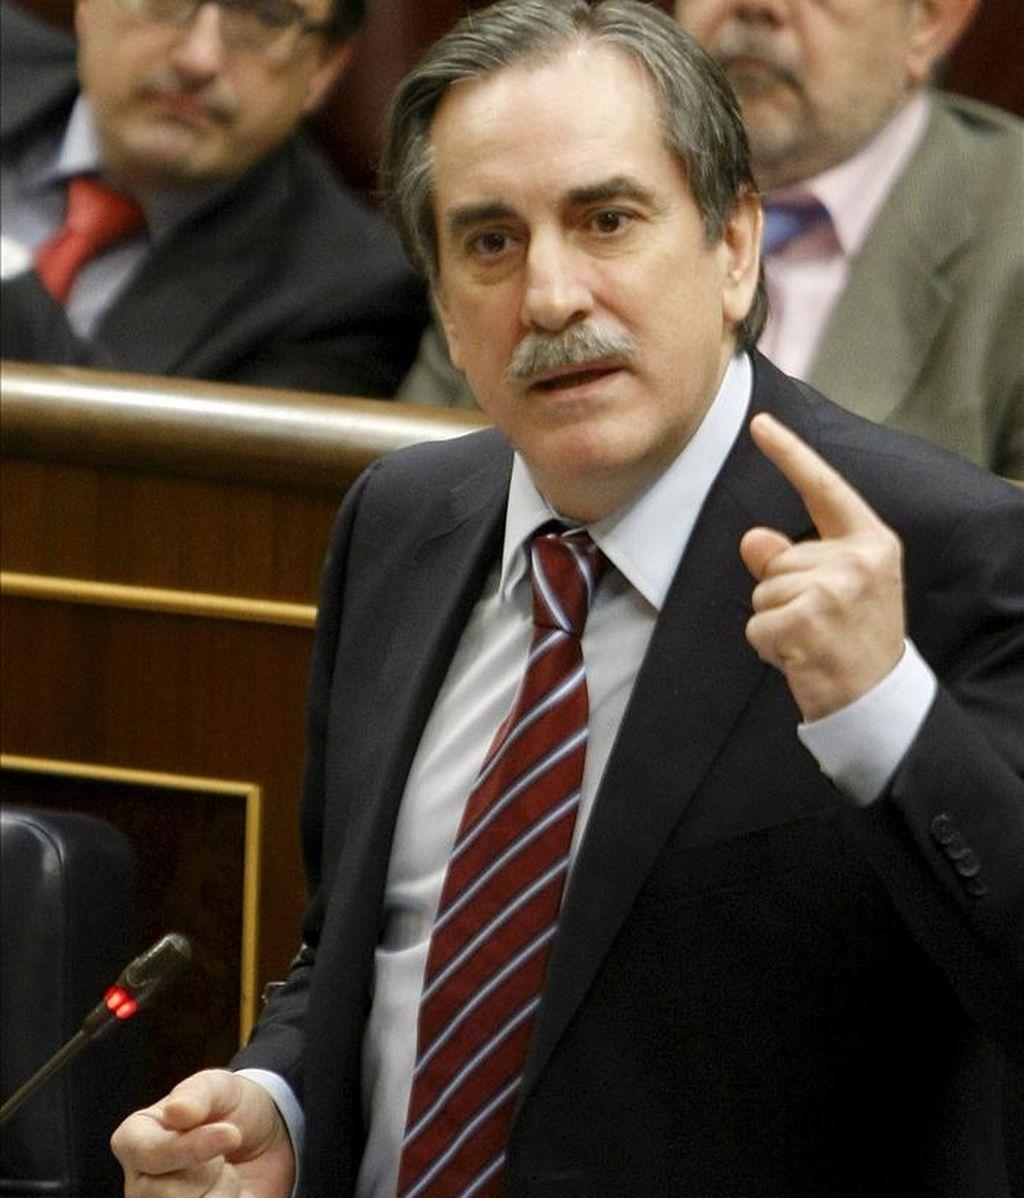 El ministro de Trabajo e Inmigración, Valeriano Gómez, durante una de sus intervenciones en la sesión de control al Ejecutivo en el pleno del Congreso de hoy. EFE